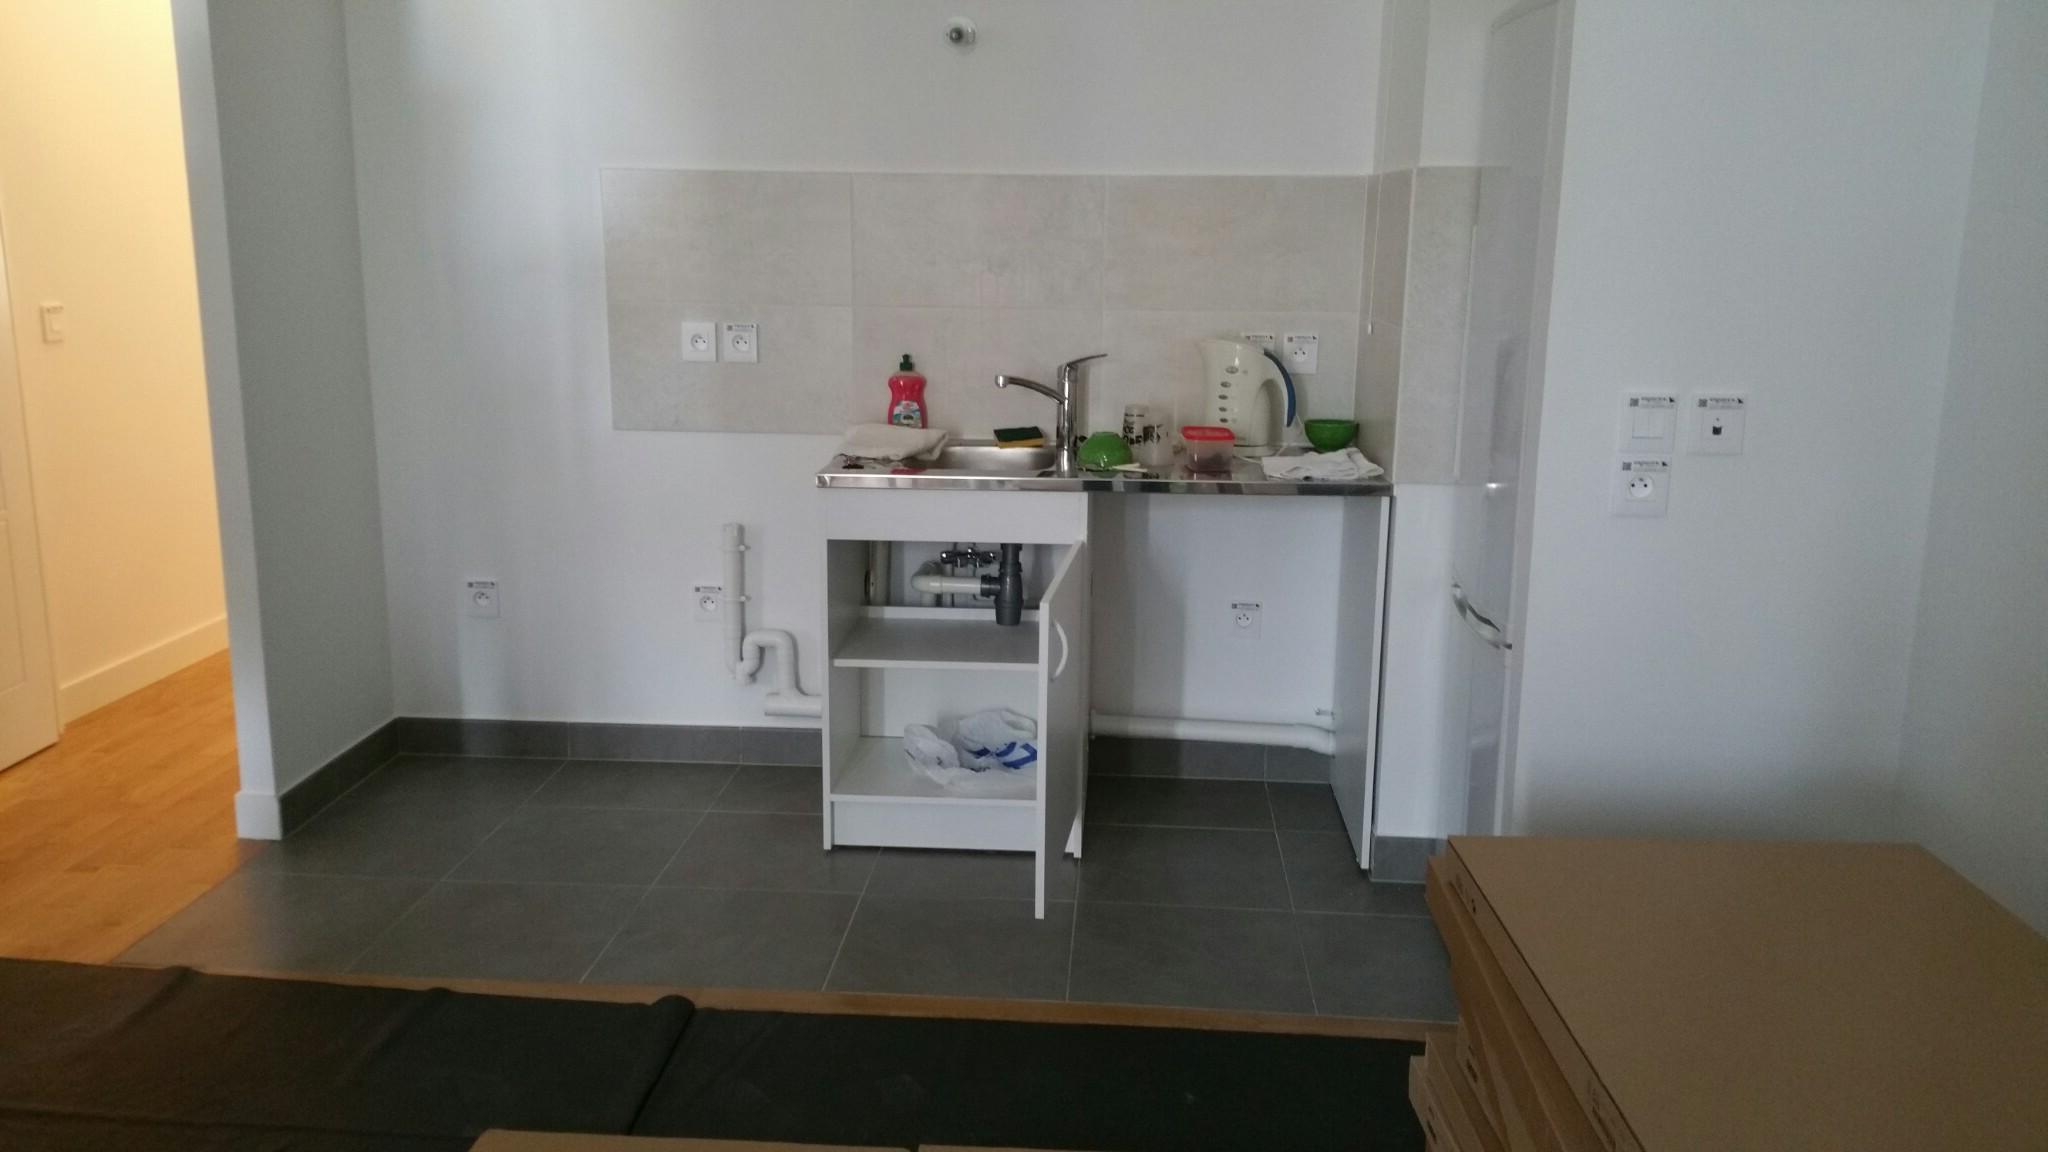 installateur de cuisine ikea et autres marques. Black Bedroom Furniture Sets. Home Design Ideas